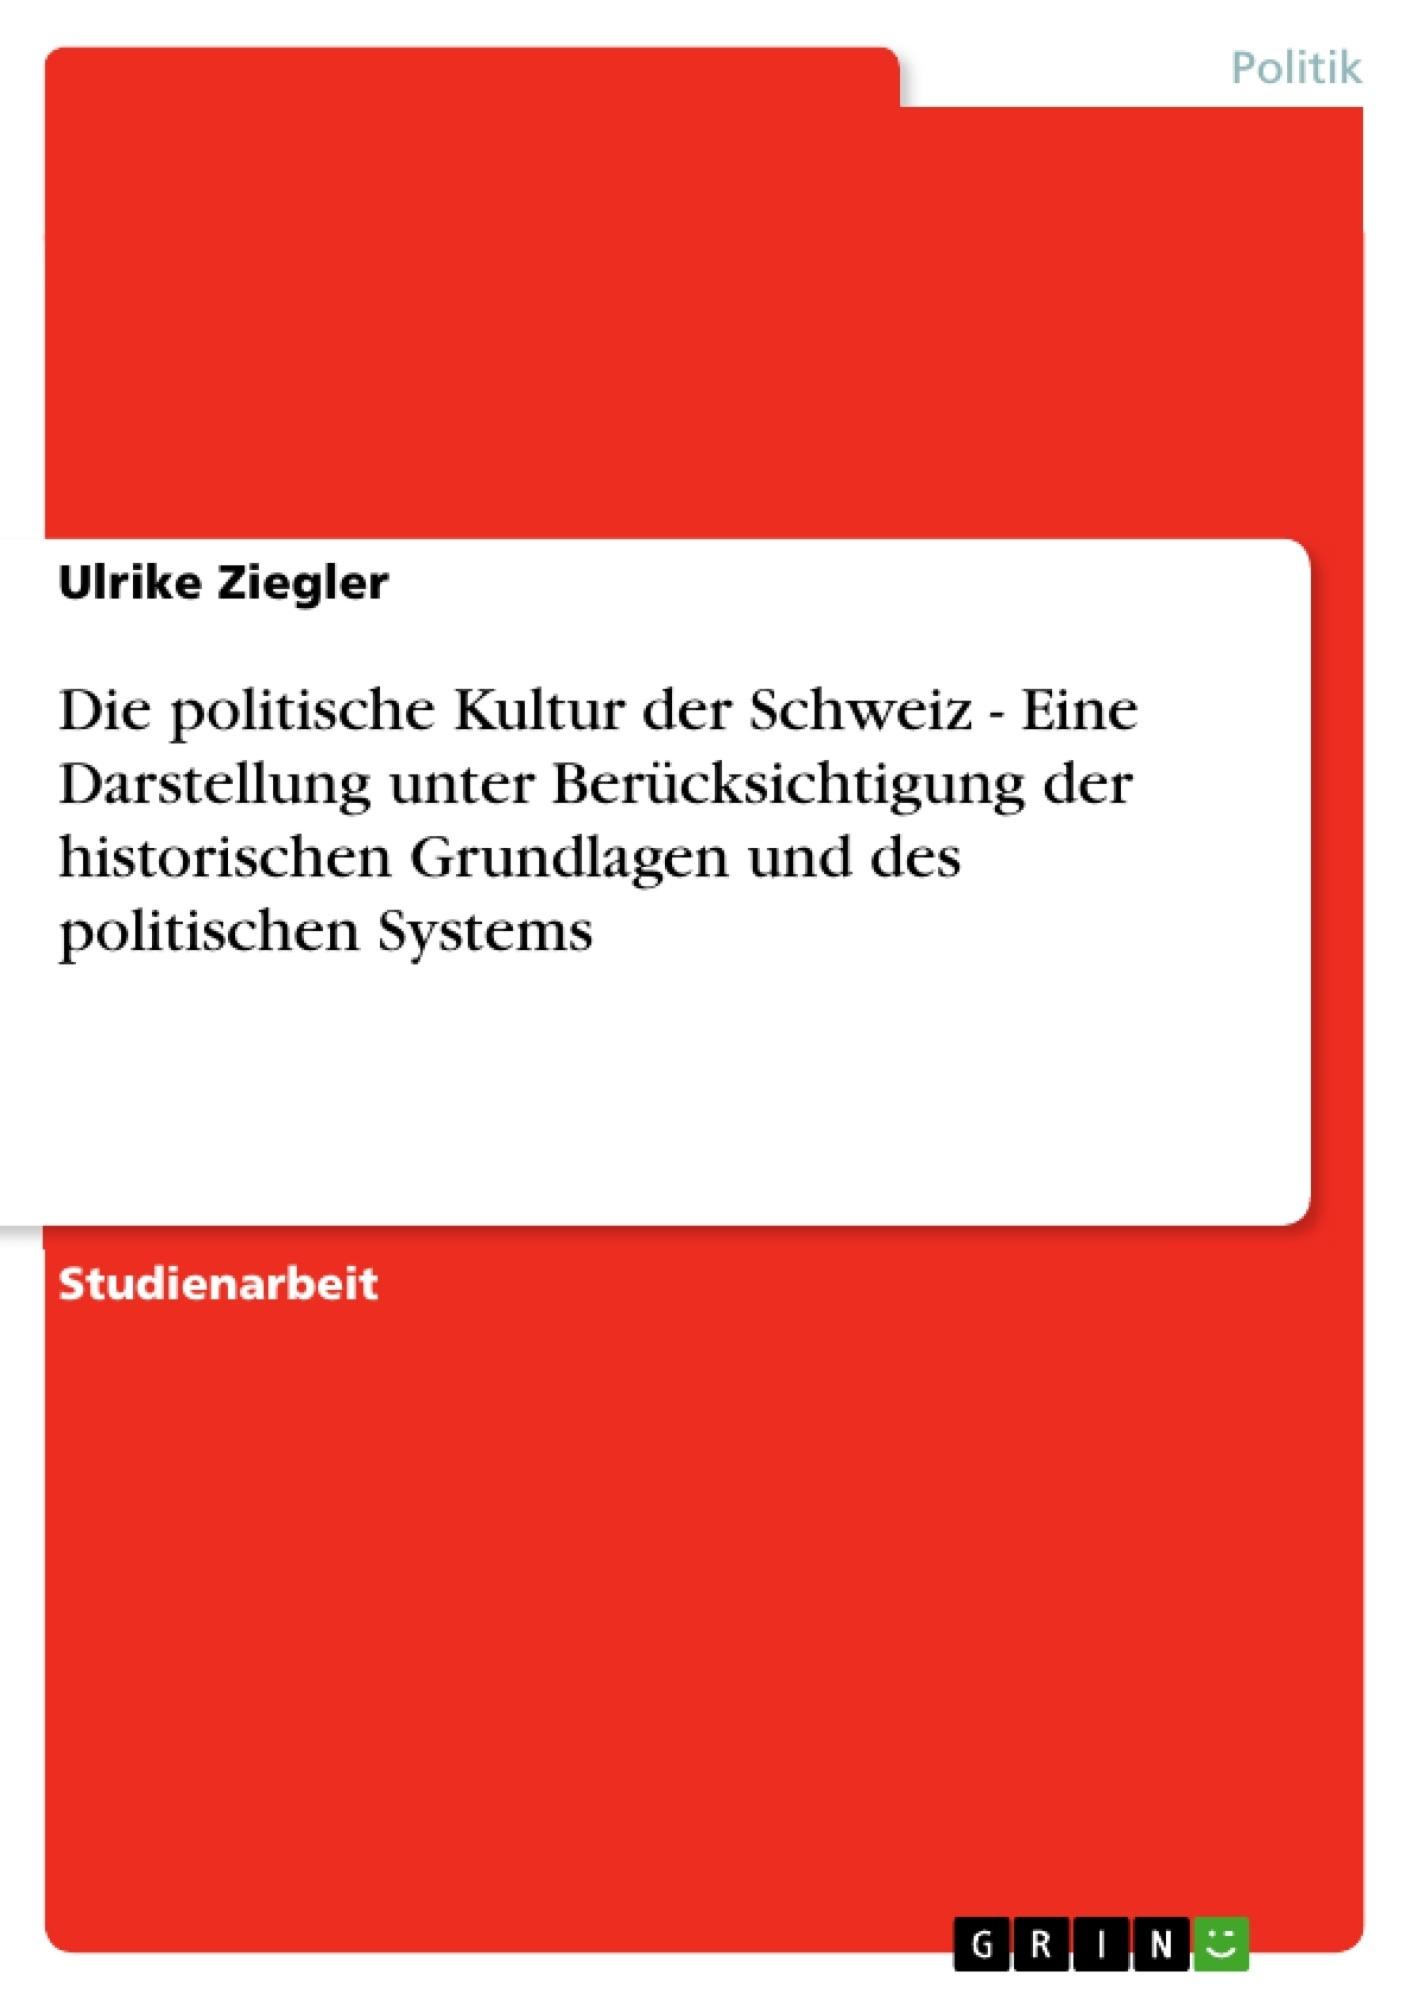 Titel: Die politische Kultur der Schweiz - Eine Darstellung unter Berücksichtigung der historischen Grundlagen und des politischen Systems